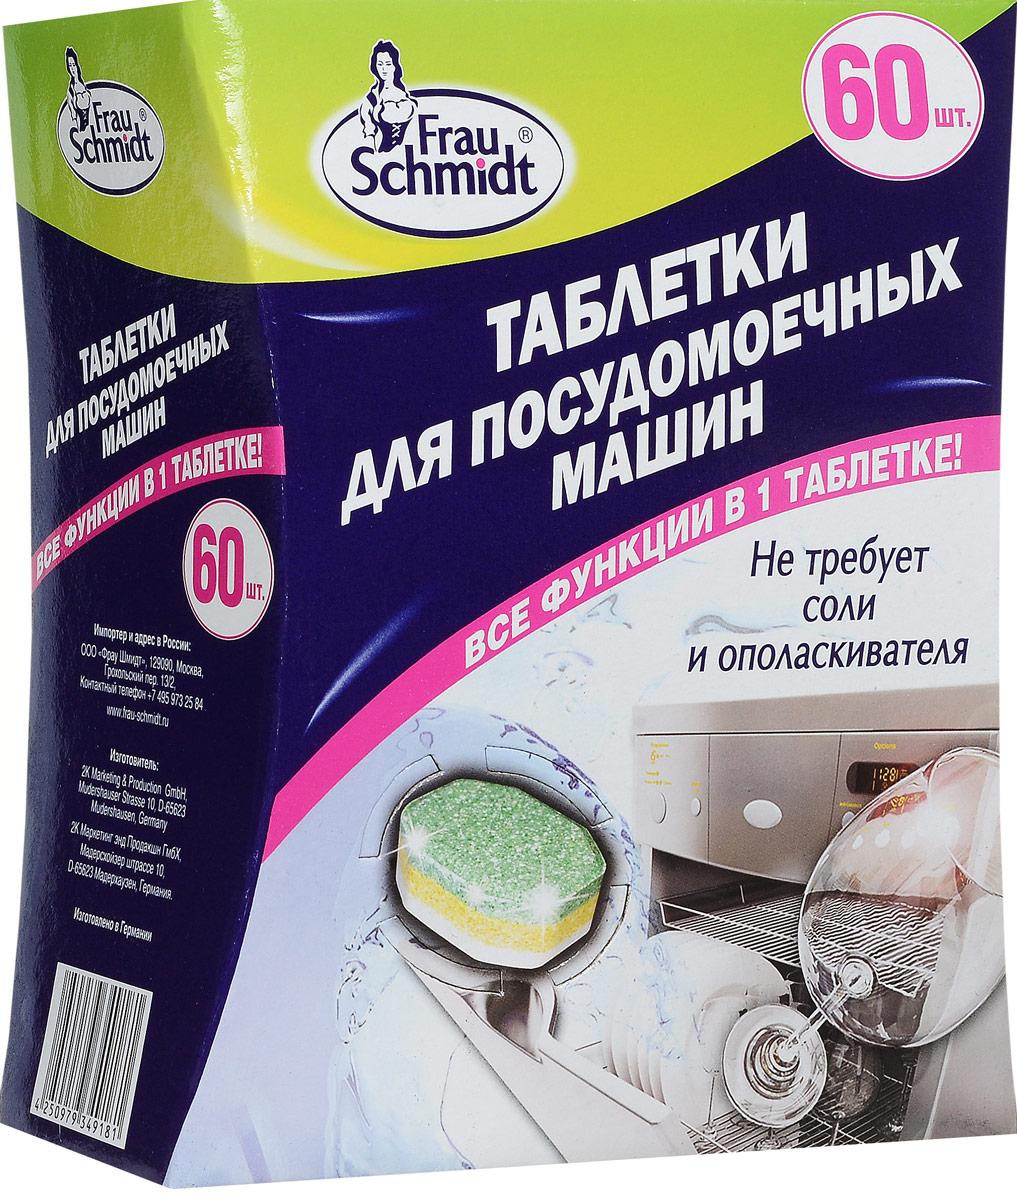 Таблетки для посудомоечной машины Frau Schmidt Все в одном, 60 шт6.295-875.0Таблетки для посудомоечной машины Frau Schmidt Все в одном эффективно удаляют жир и нейтрализуют запах. Таблетки защищают посудомоечную машину от известковых отложений и эффективны при низких температурах. Средство не оставляет пятен и разводов, удаляет пятна от чая и кофе. Обеспечивает защиту и блеск стекла, серебра и нержавеющей стали. Таблетки не требуют добавления соли и ополаскивателя. Состав: фосфаты, кислородосодержащие отбеливающие вещества, неионные ПАВы, поликарбоксилаты, фосфонаты, энзимы, отдушка. Товар сертифицирован.